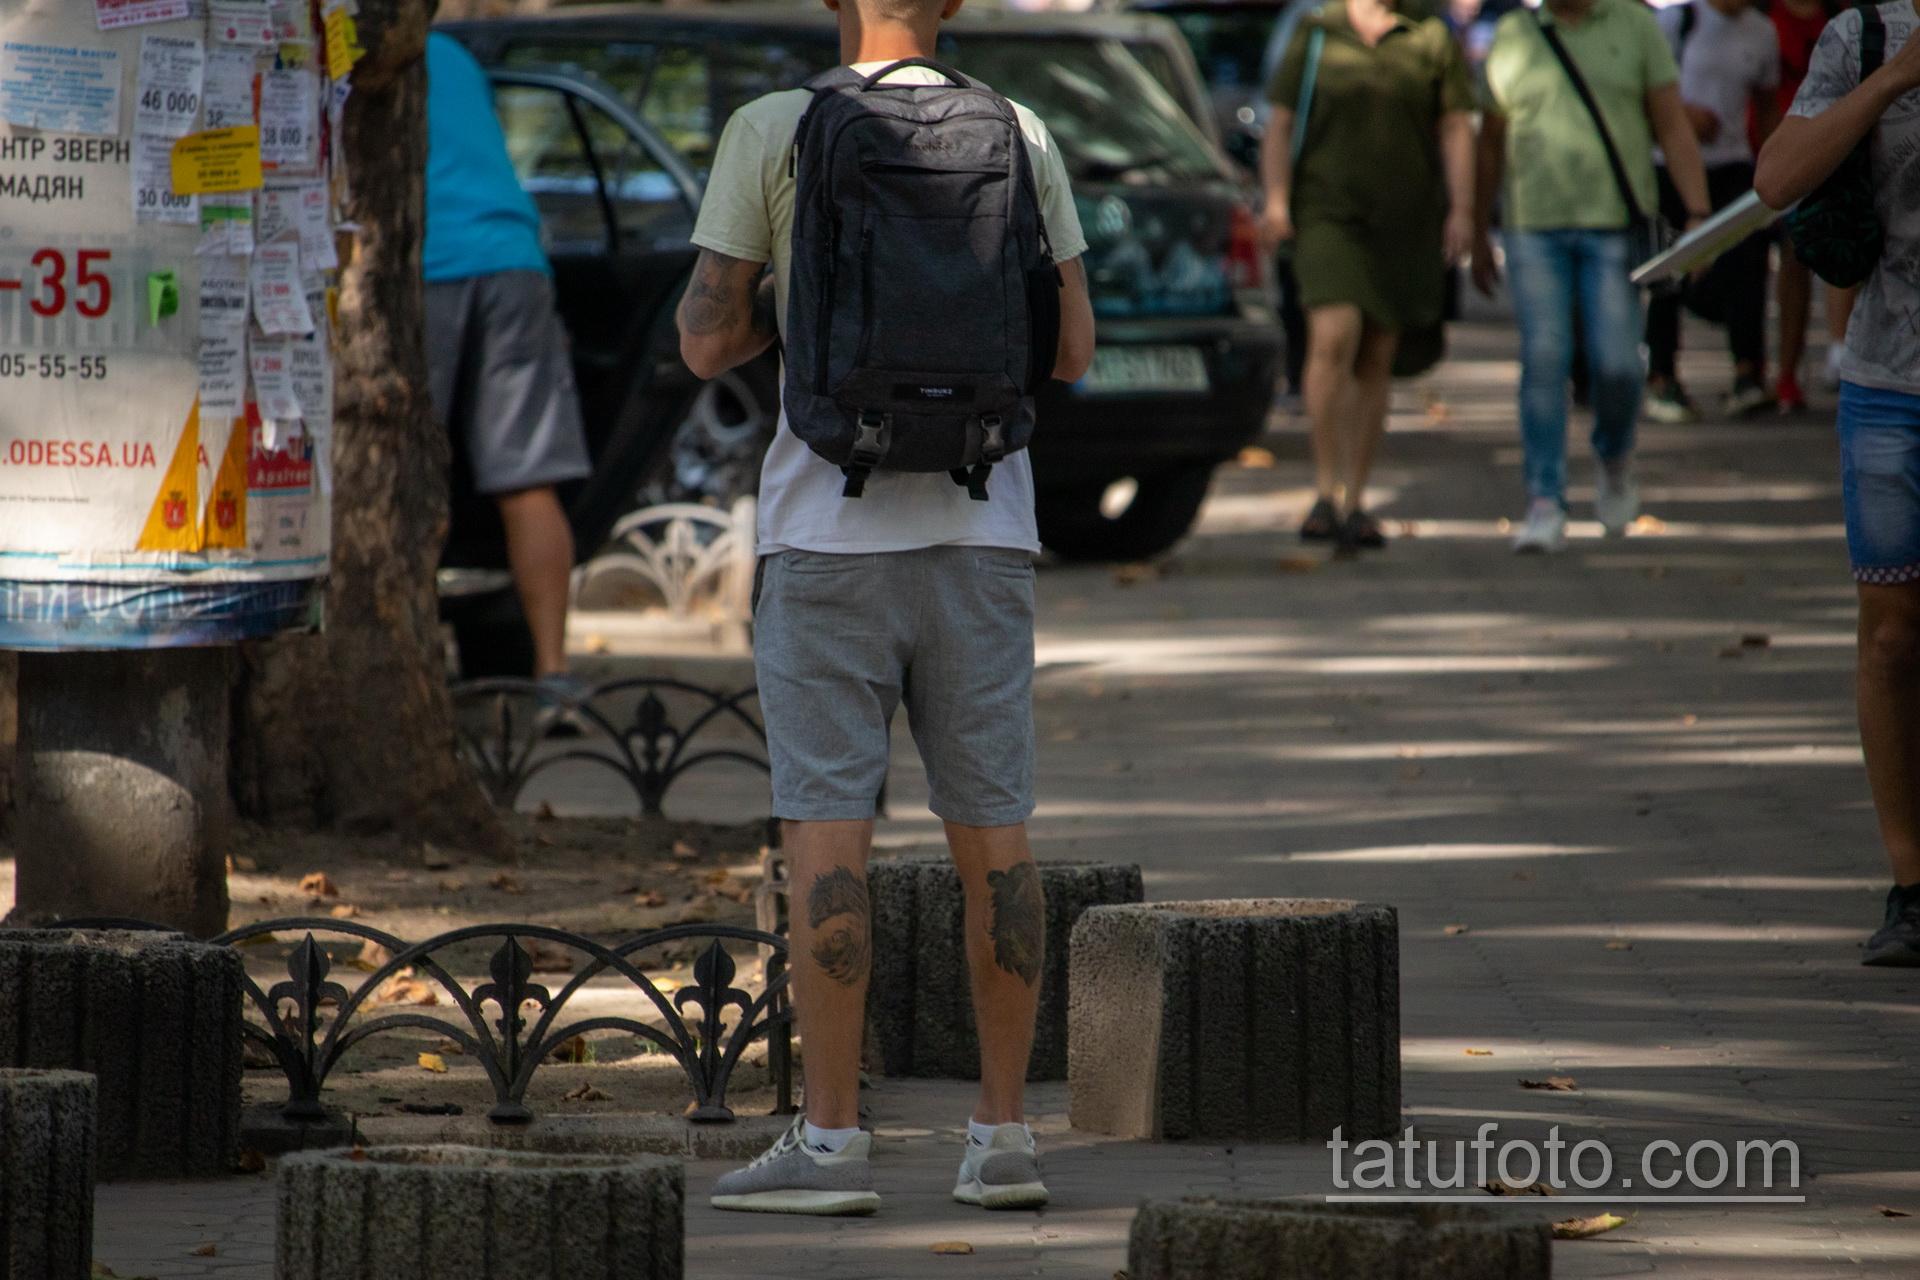 Молодой парень с тату на руках и ногах - Уличная татуировка 14.09.2020 – tatufoto.com 4